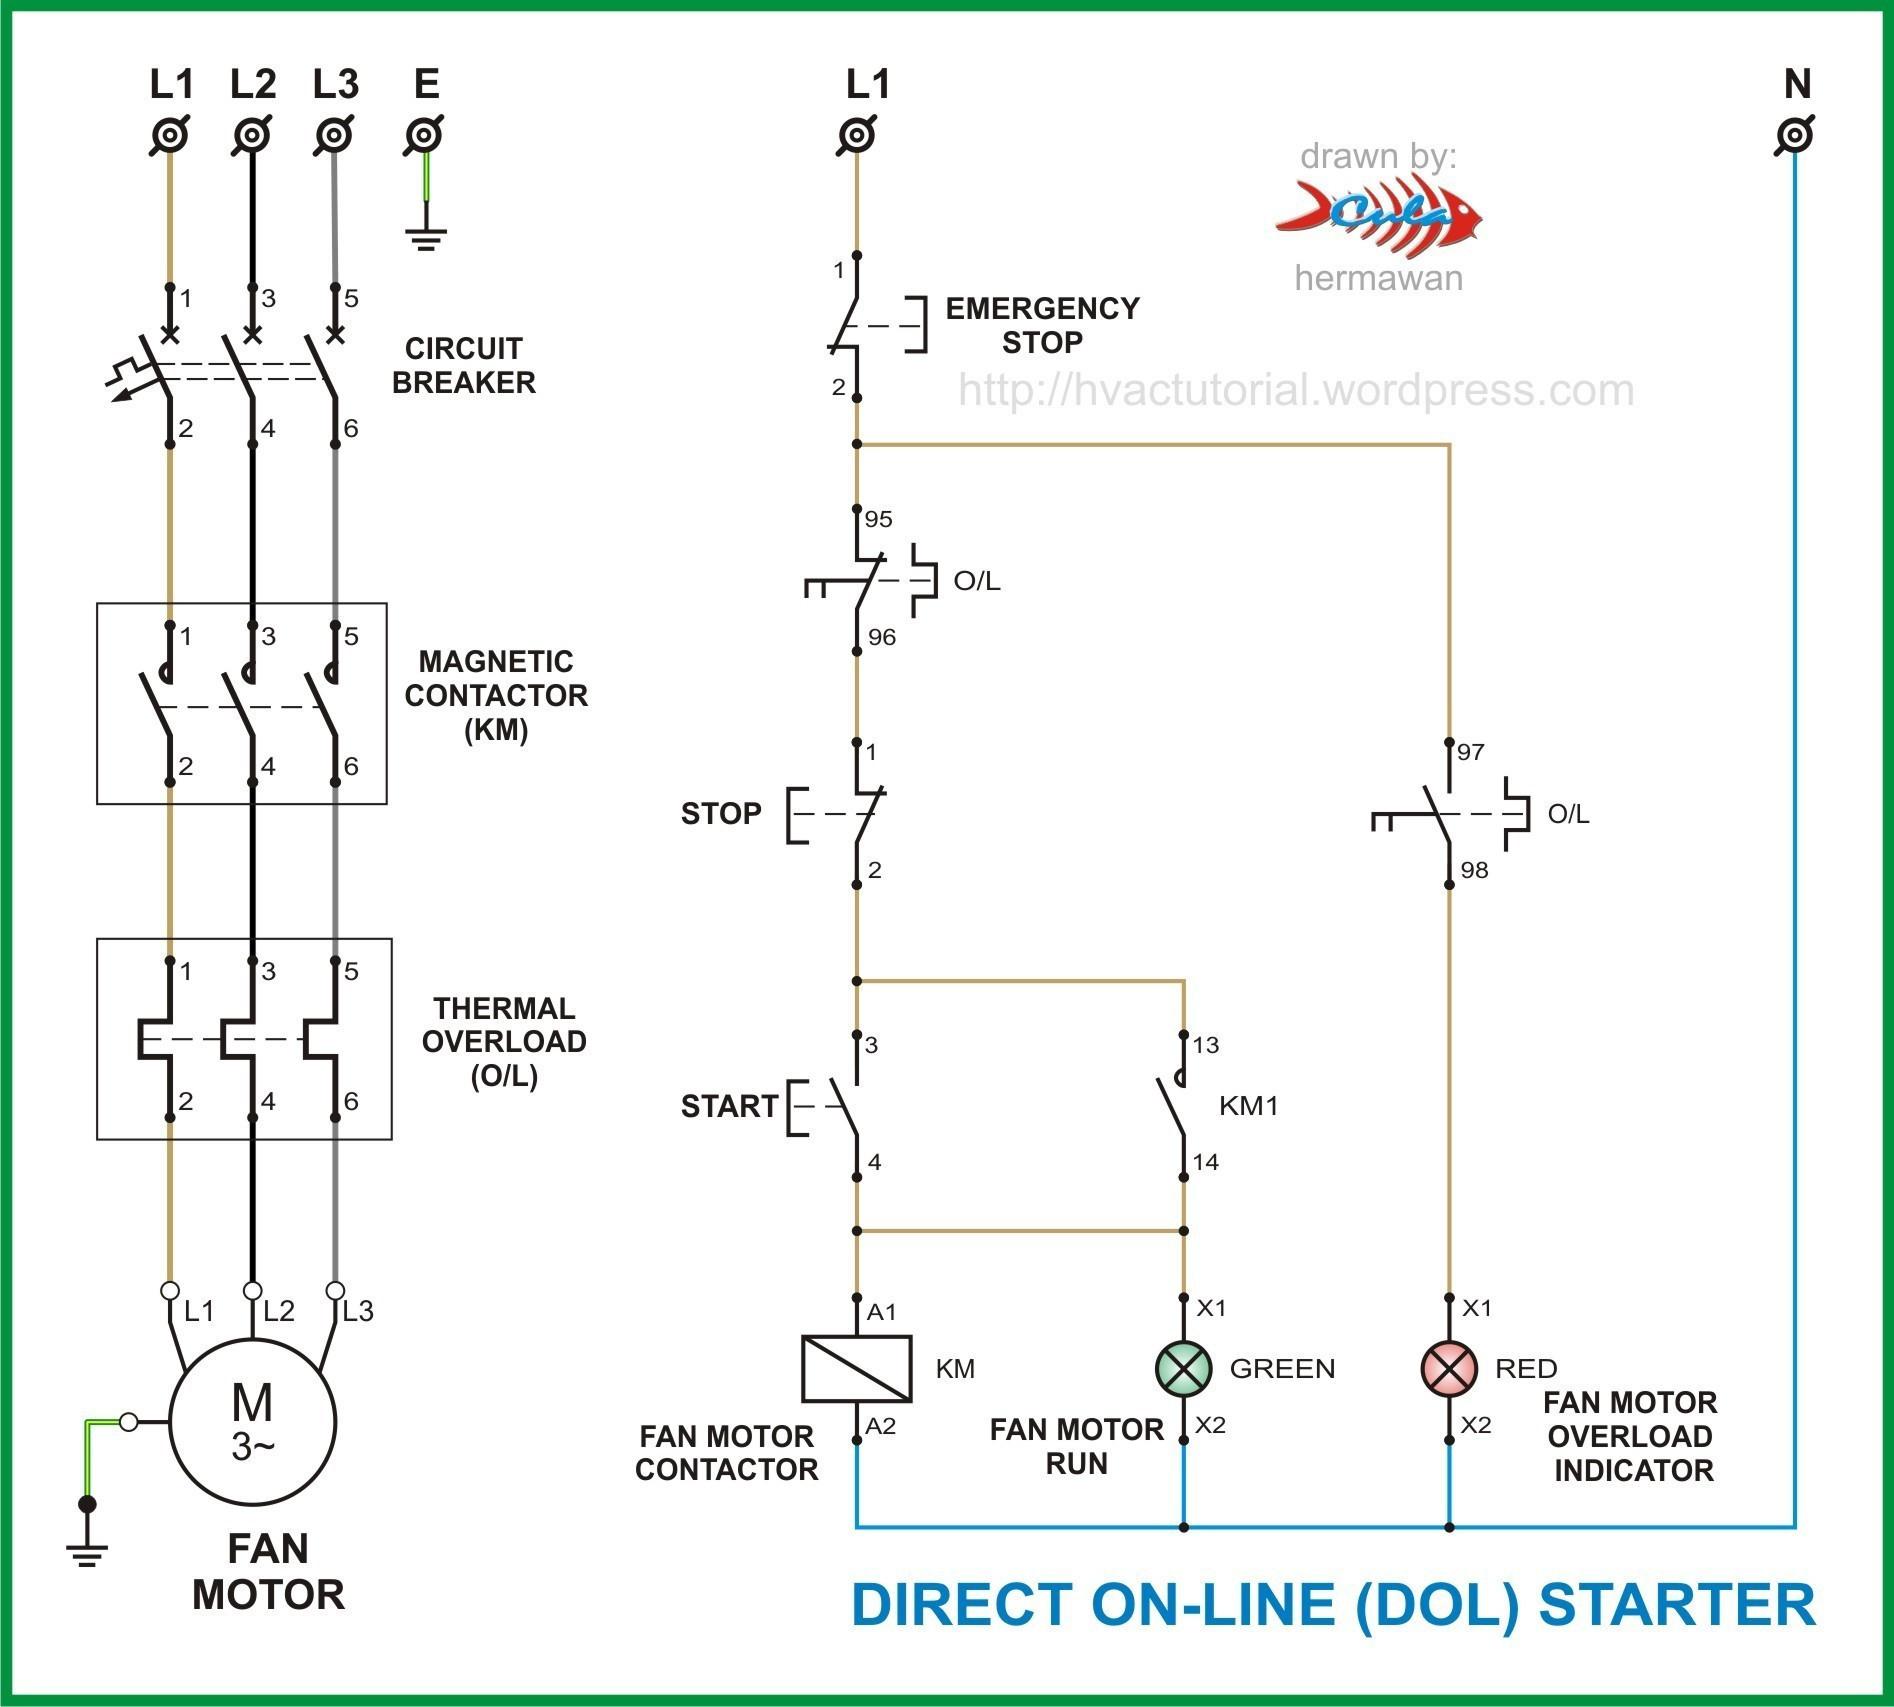 3 Phase Motor Starter Wiring Diagram Pdf Rate Dol Starter Wiring - 3 Phase Motor Starter Wiring Diagram Pdf